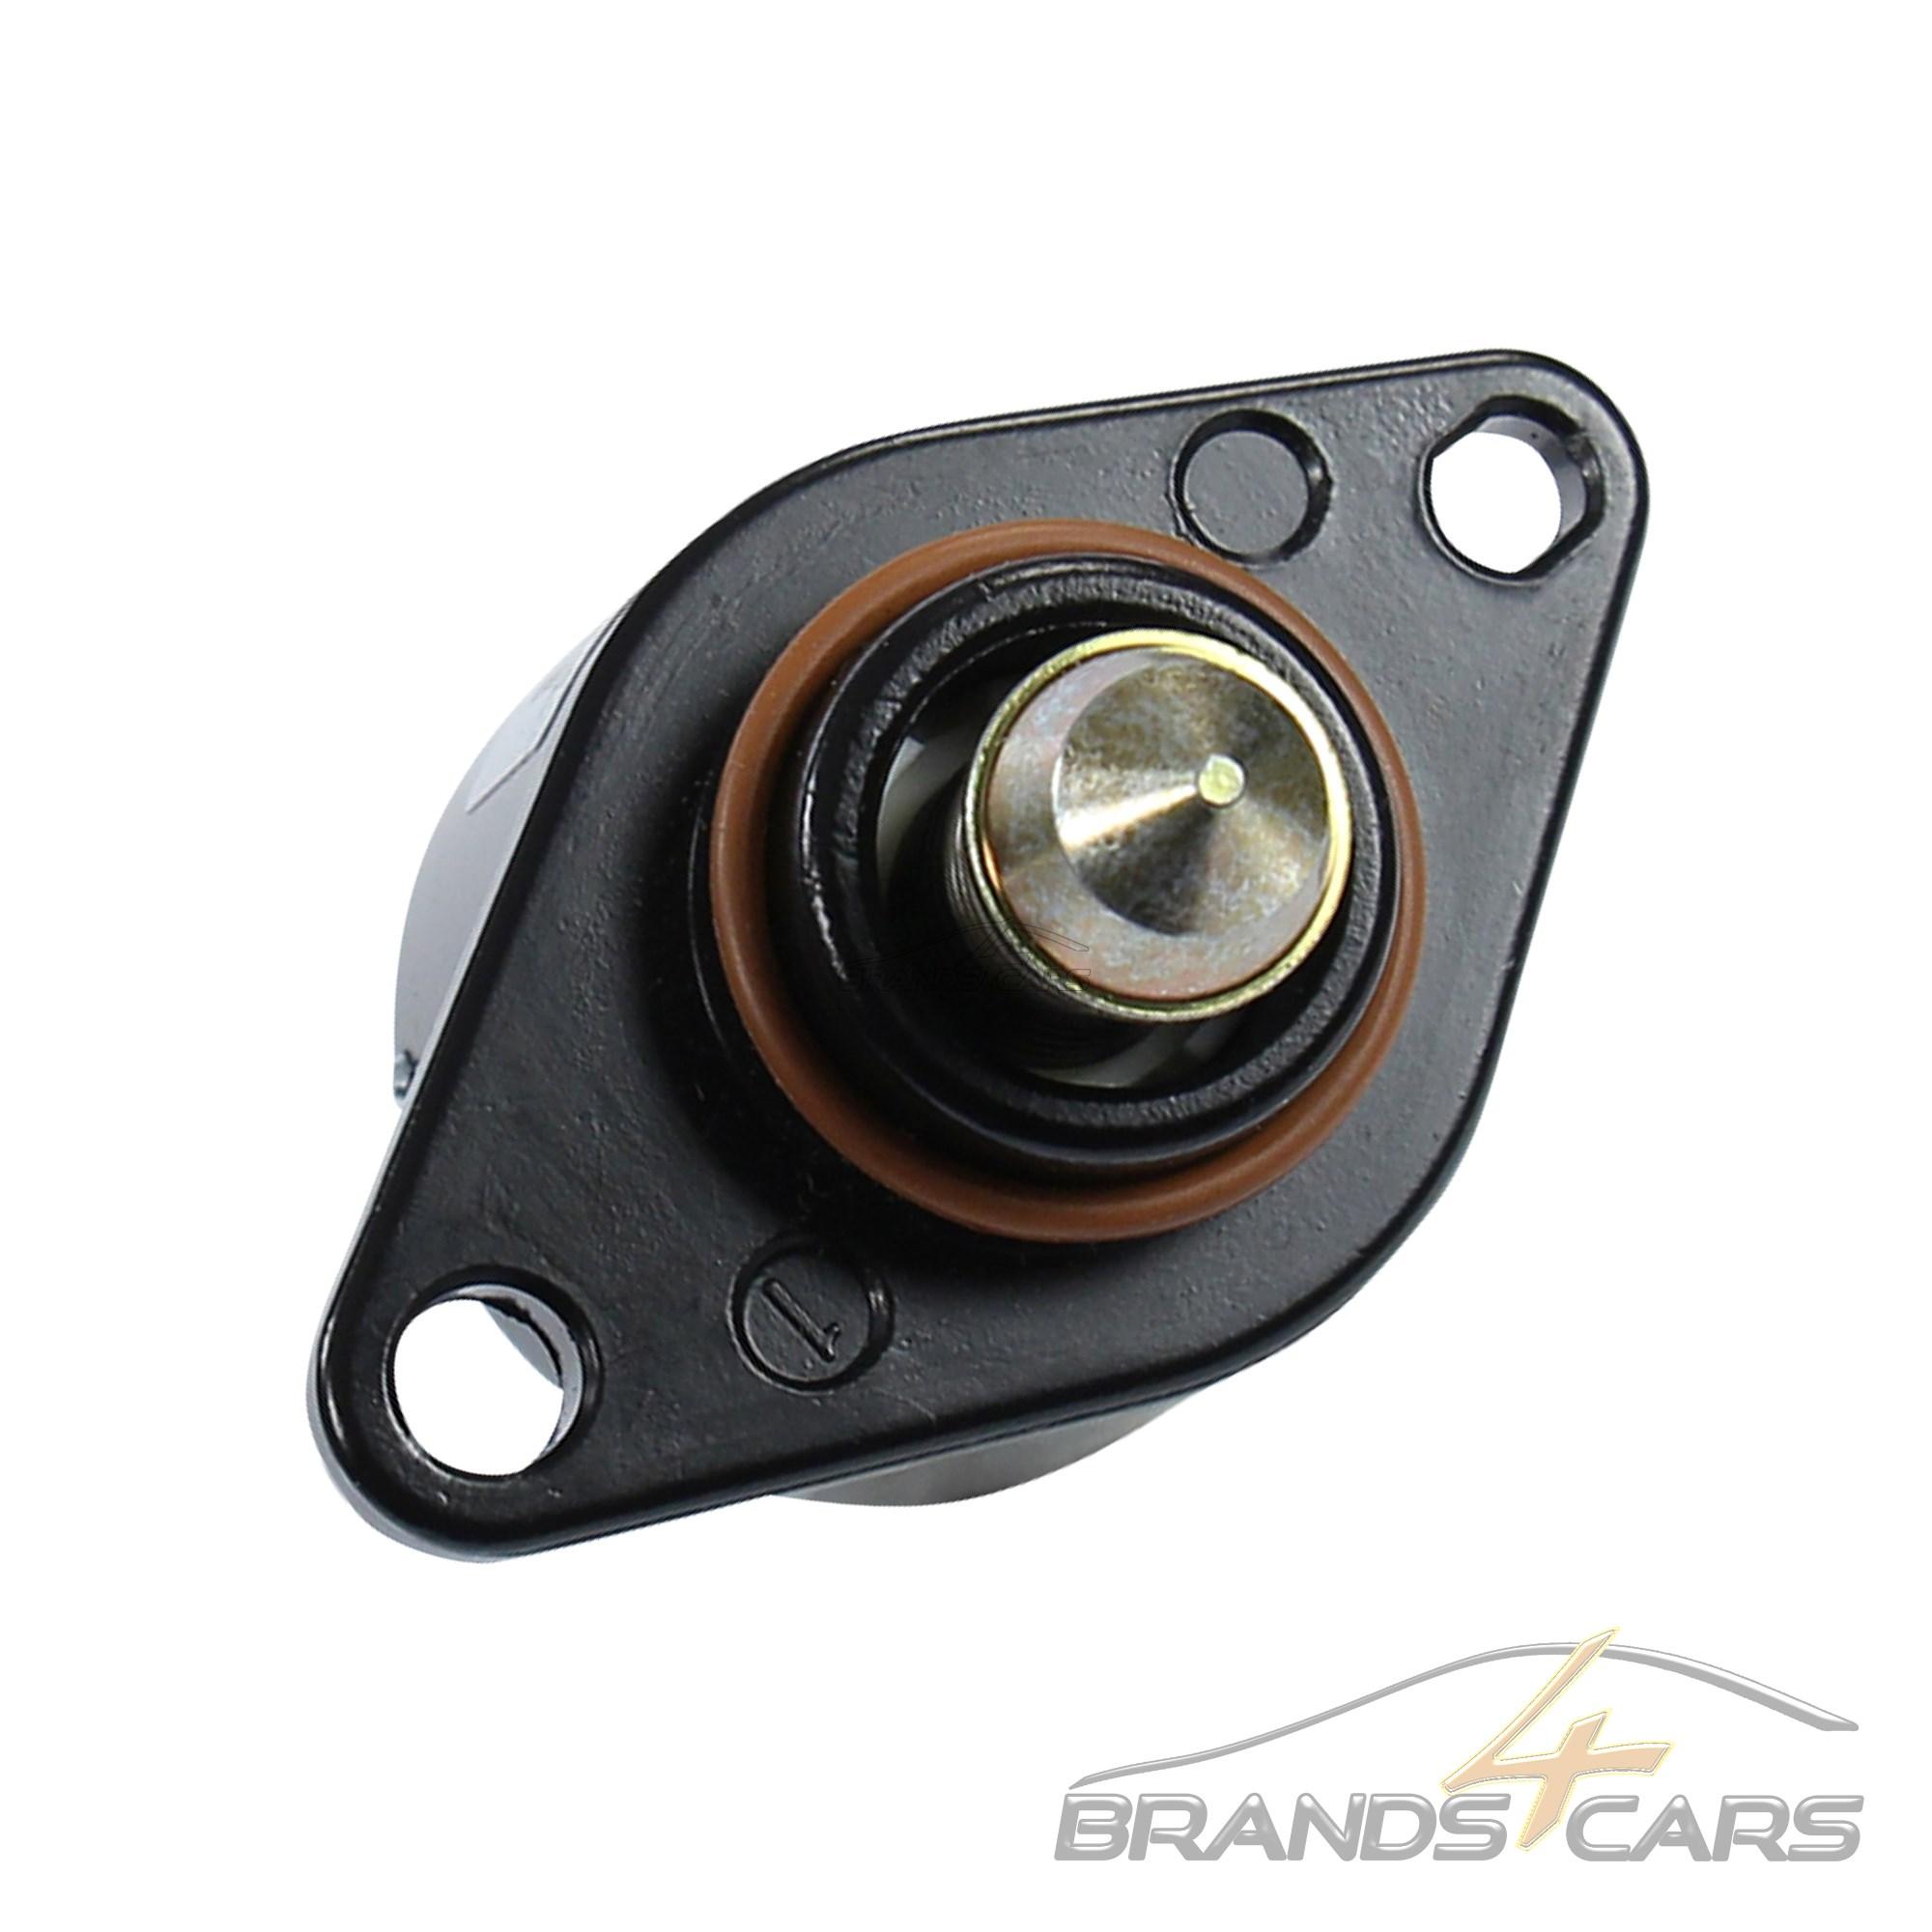 Pierburg ralentí-regla válvula de ralentí regulador Opel Ascona C 1.6